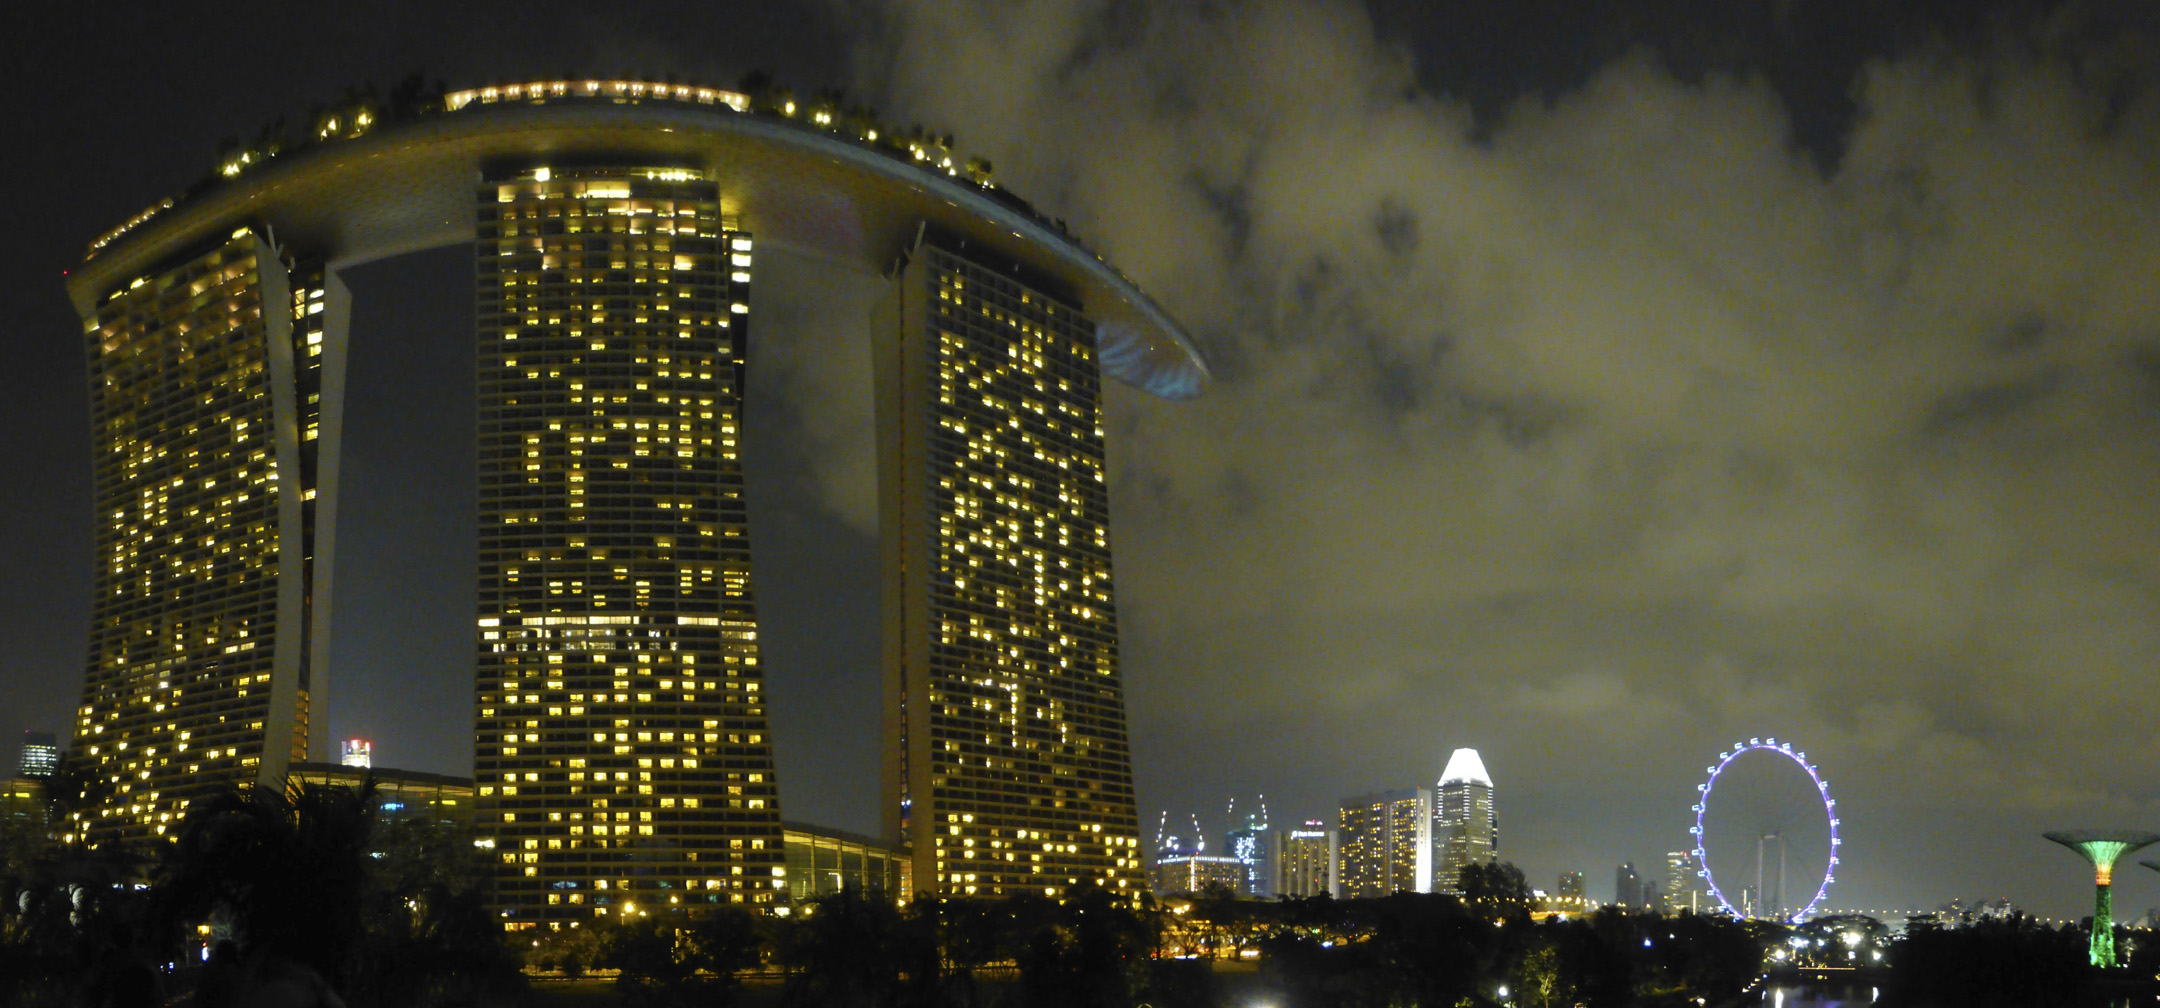 Singpore Skyline